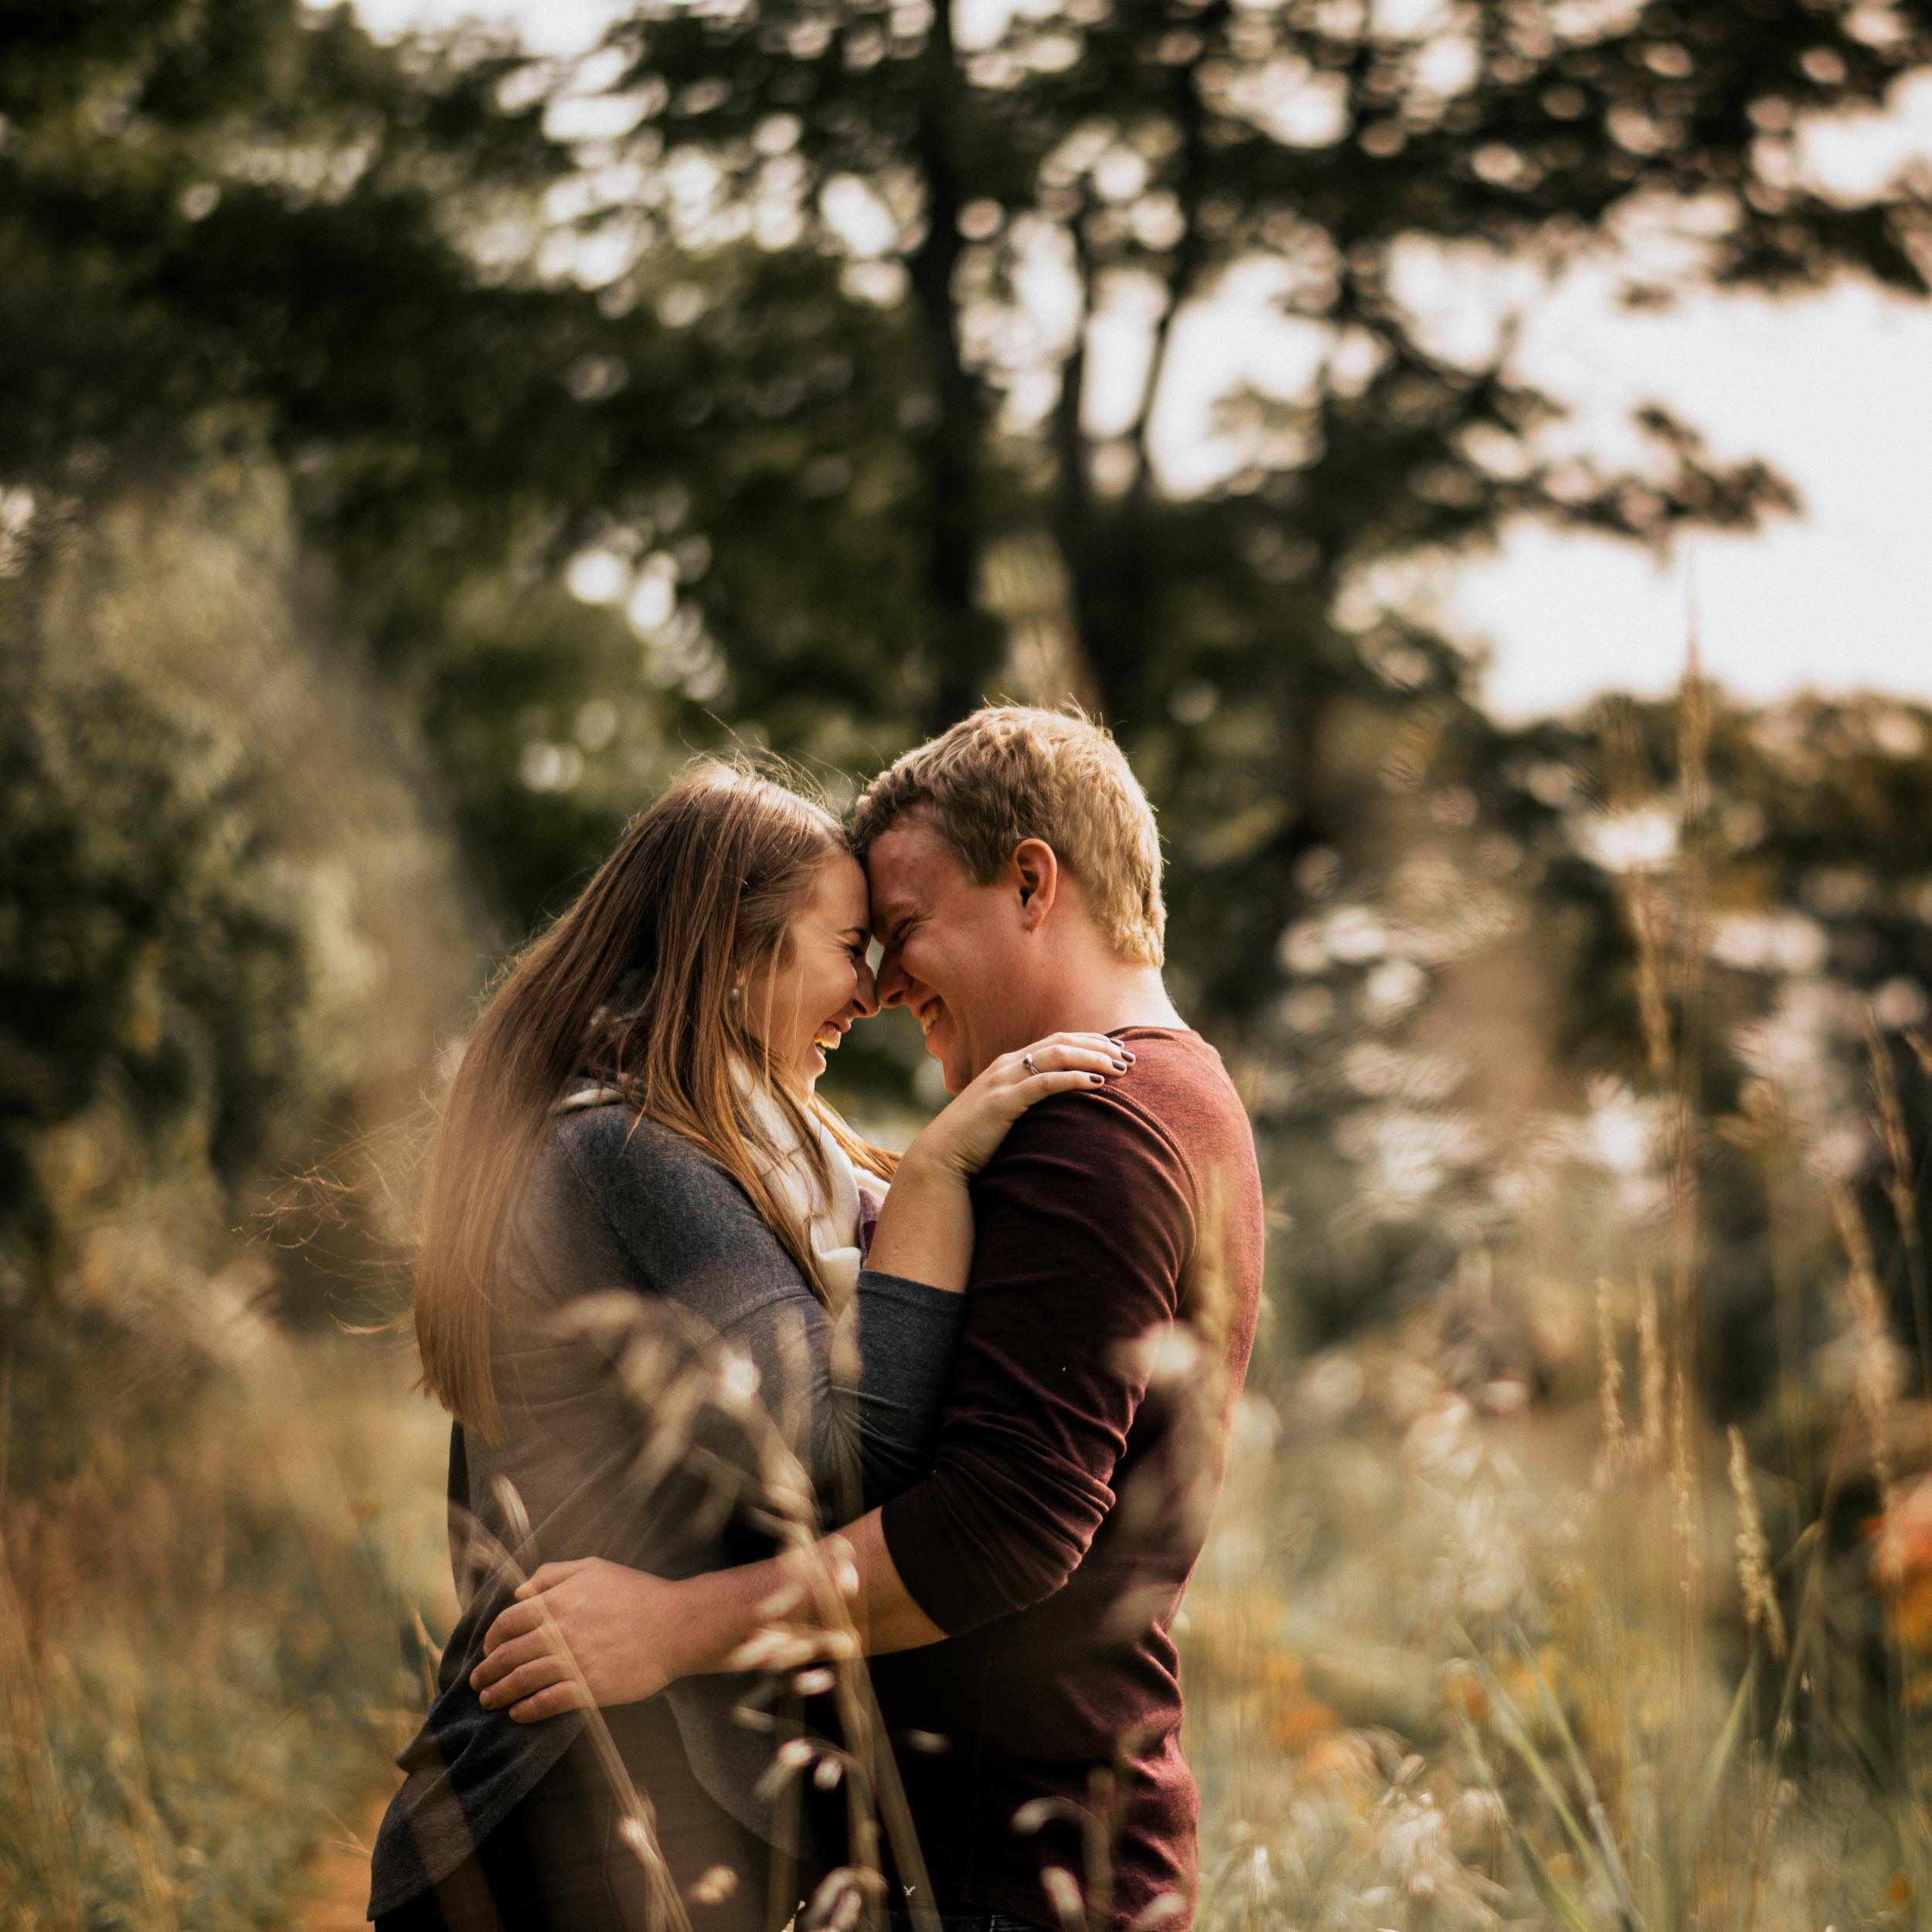 wedding-photography-stratford-davidiam-123.jpg